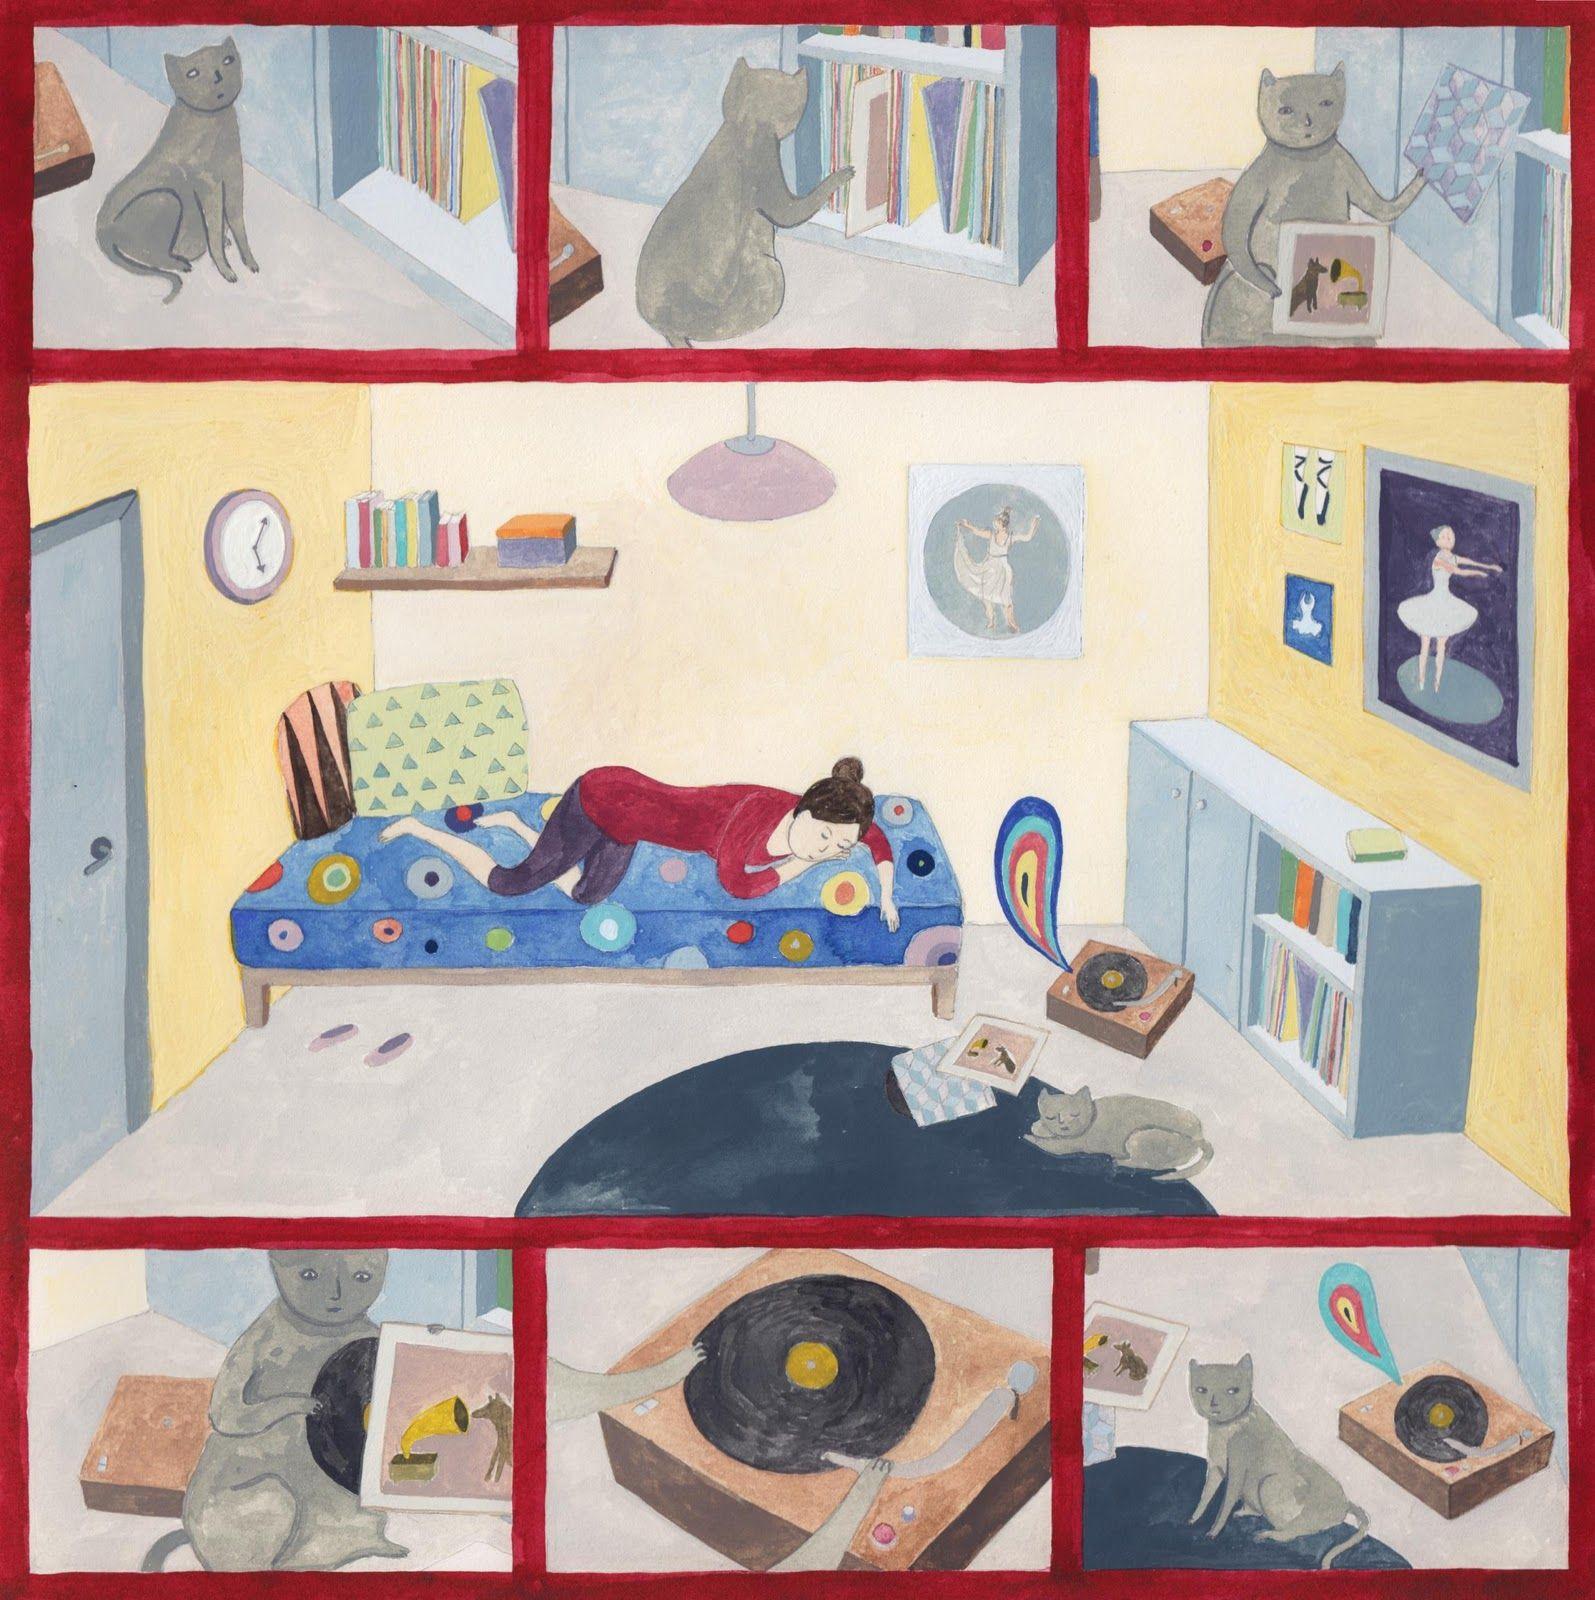 http://simonettaoliva.blogspot.it